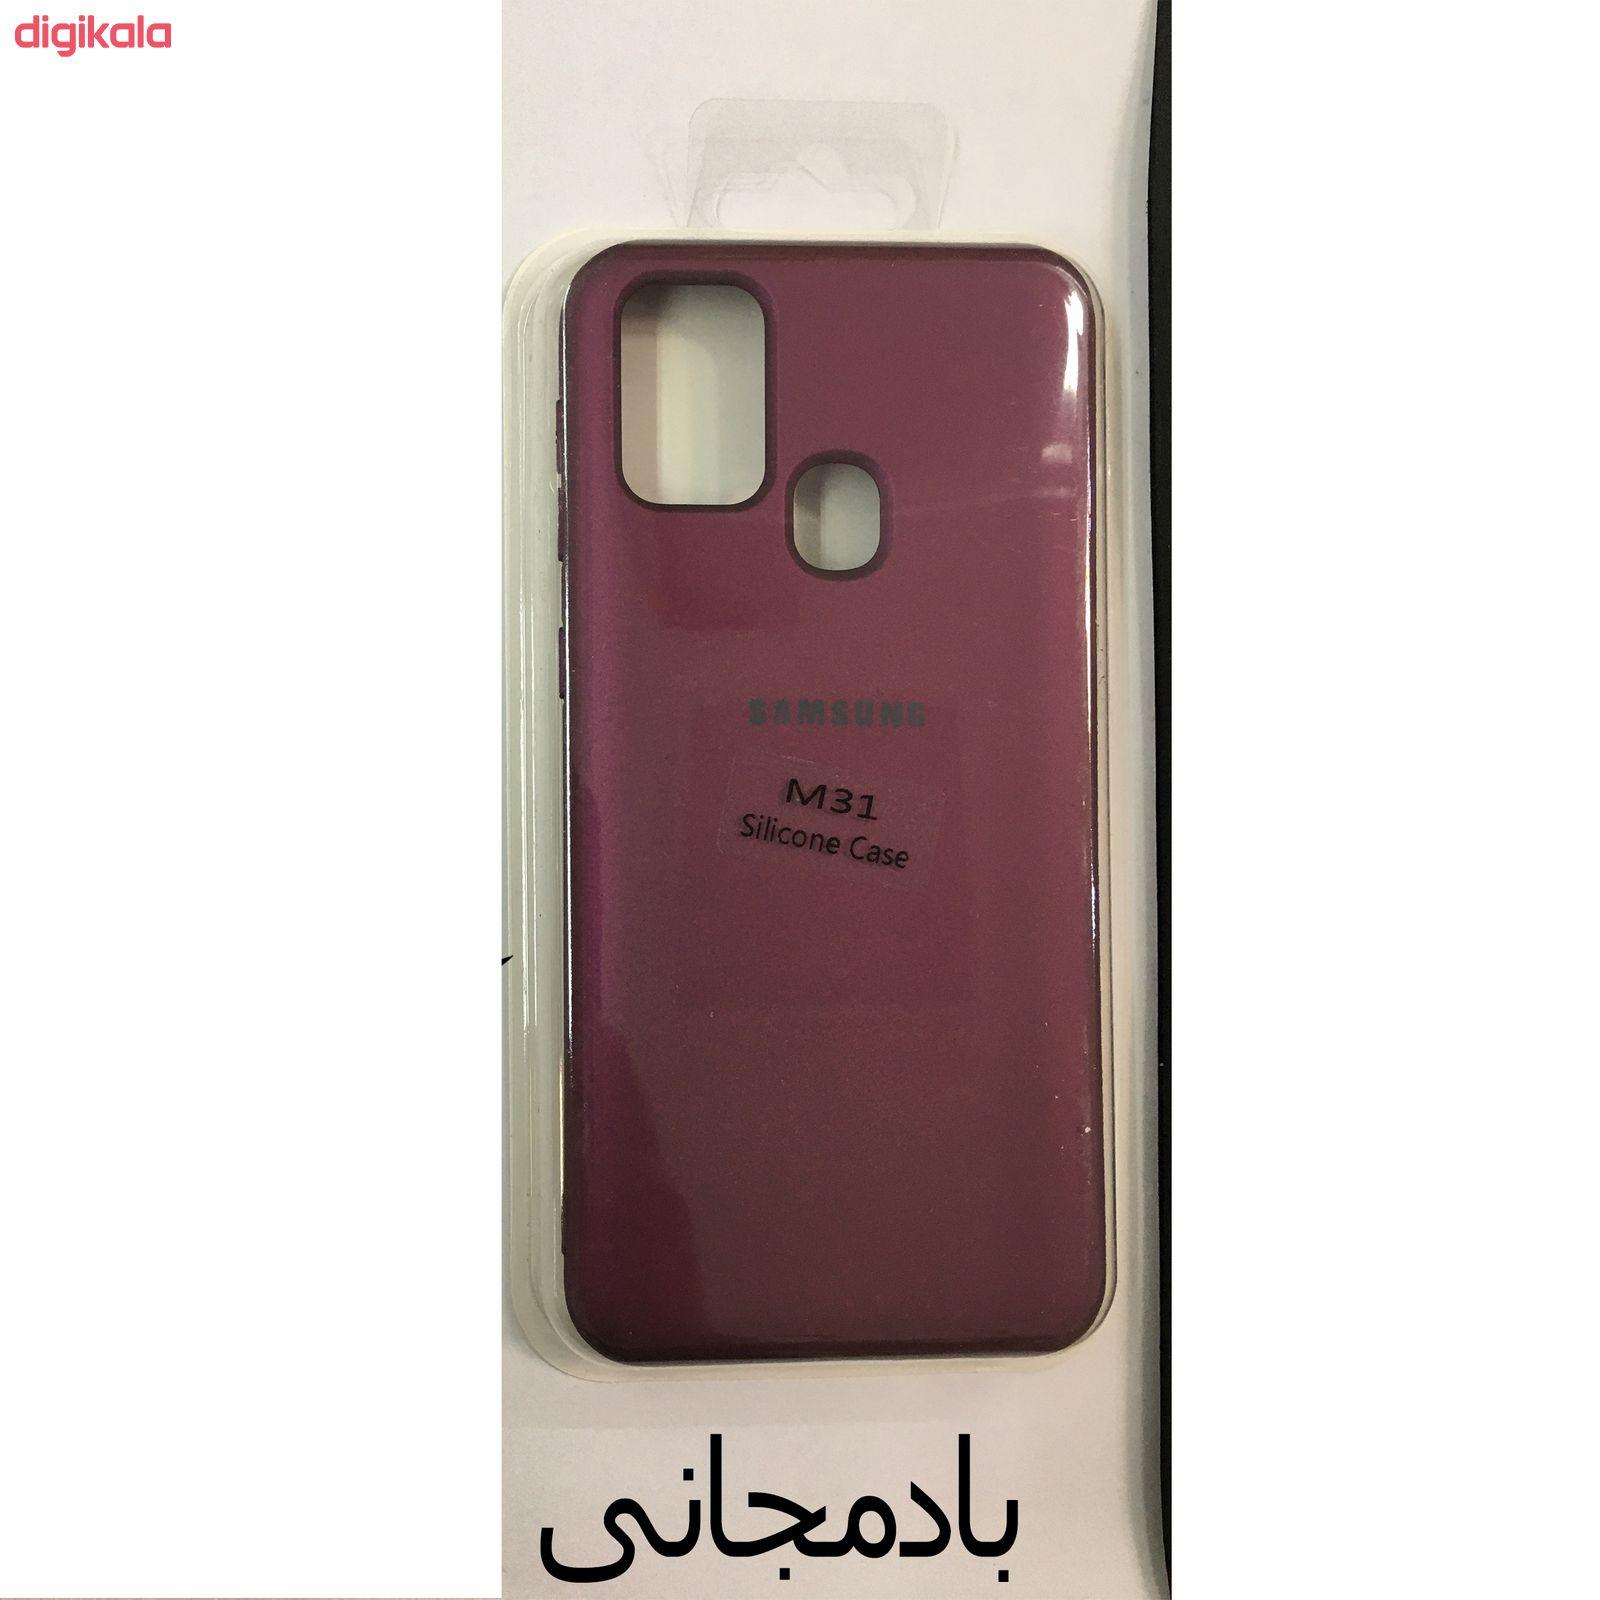 کاور مدل SIL-0031 مناسب برای گوشی موبایل سامسونگ Galaxy M31 main 1 3